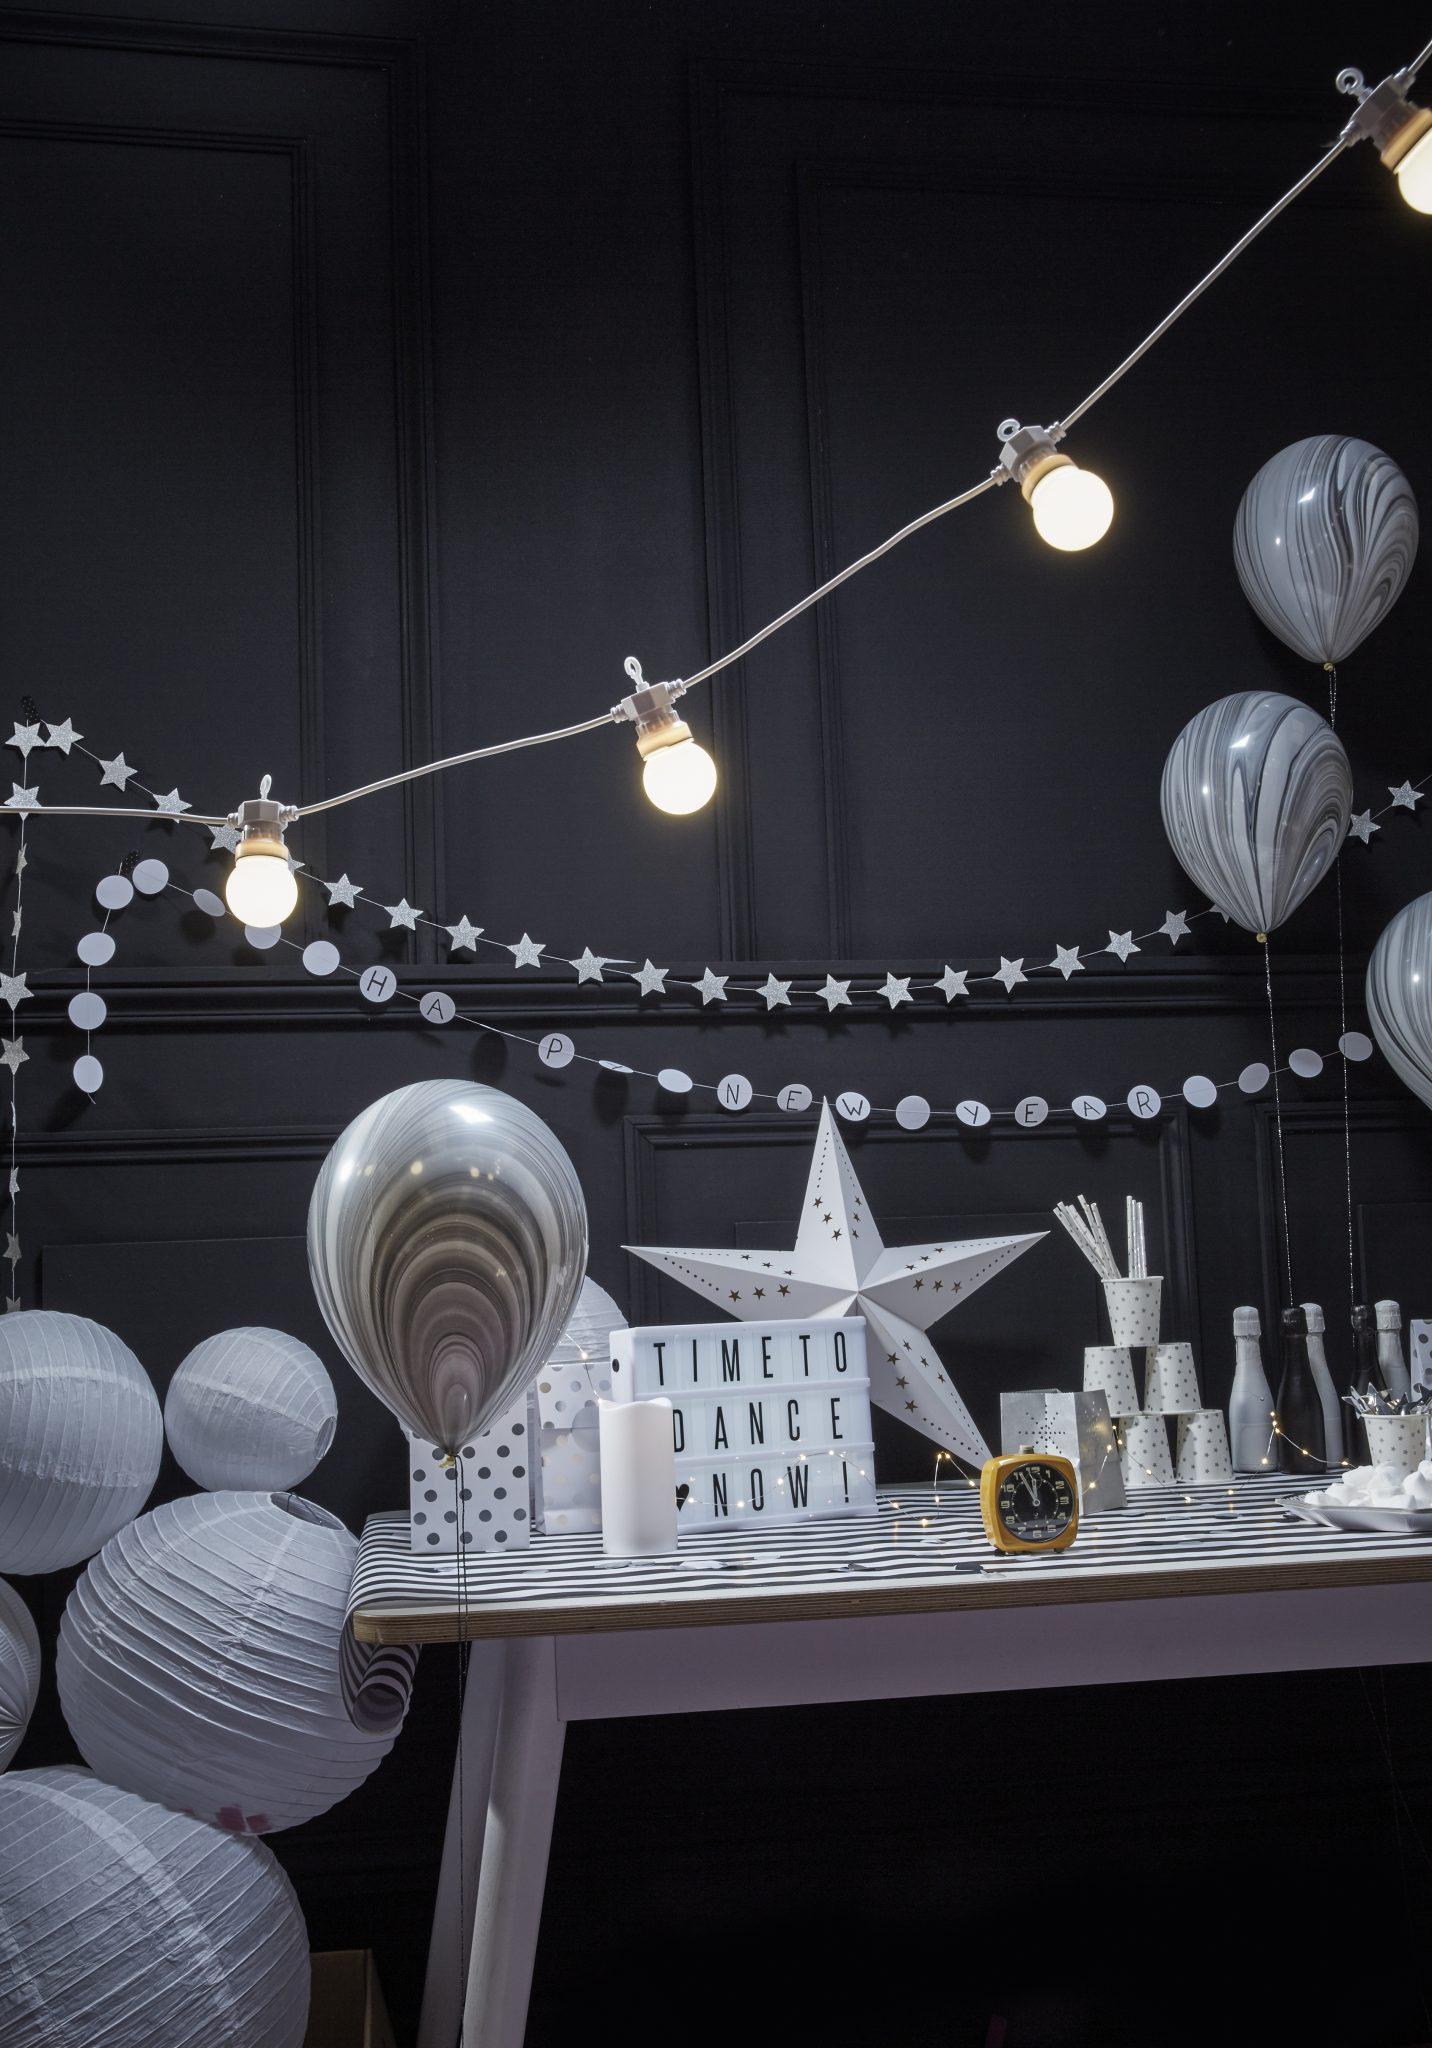 décoration nouvel an bonne année noir blanc argent blanc noir saint sylvestre 31 décembre